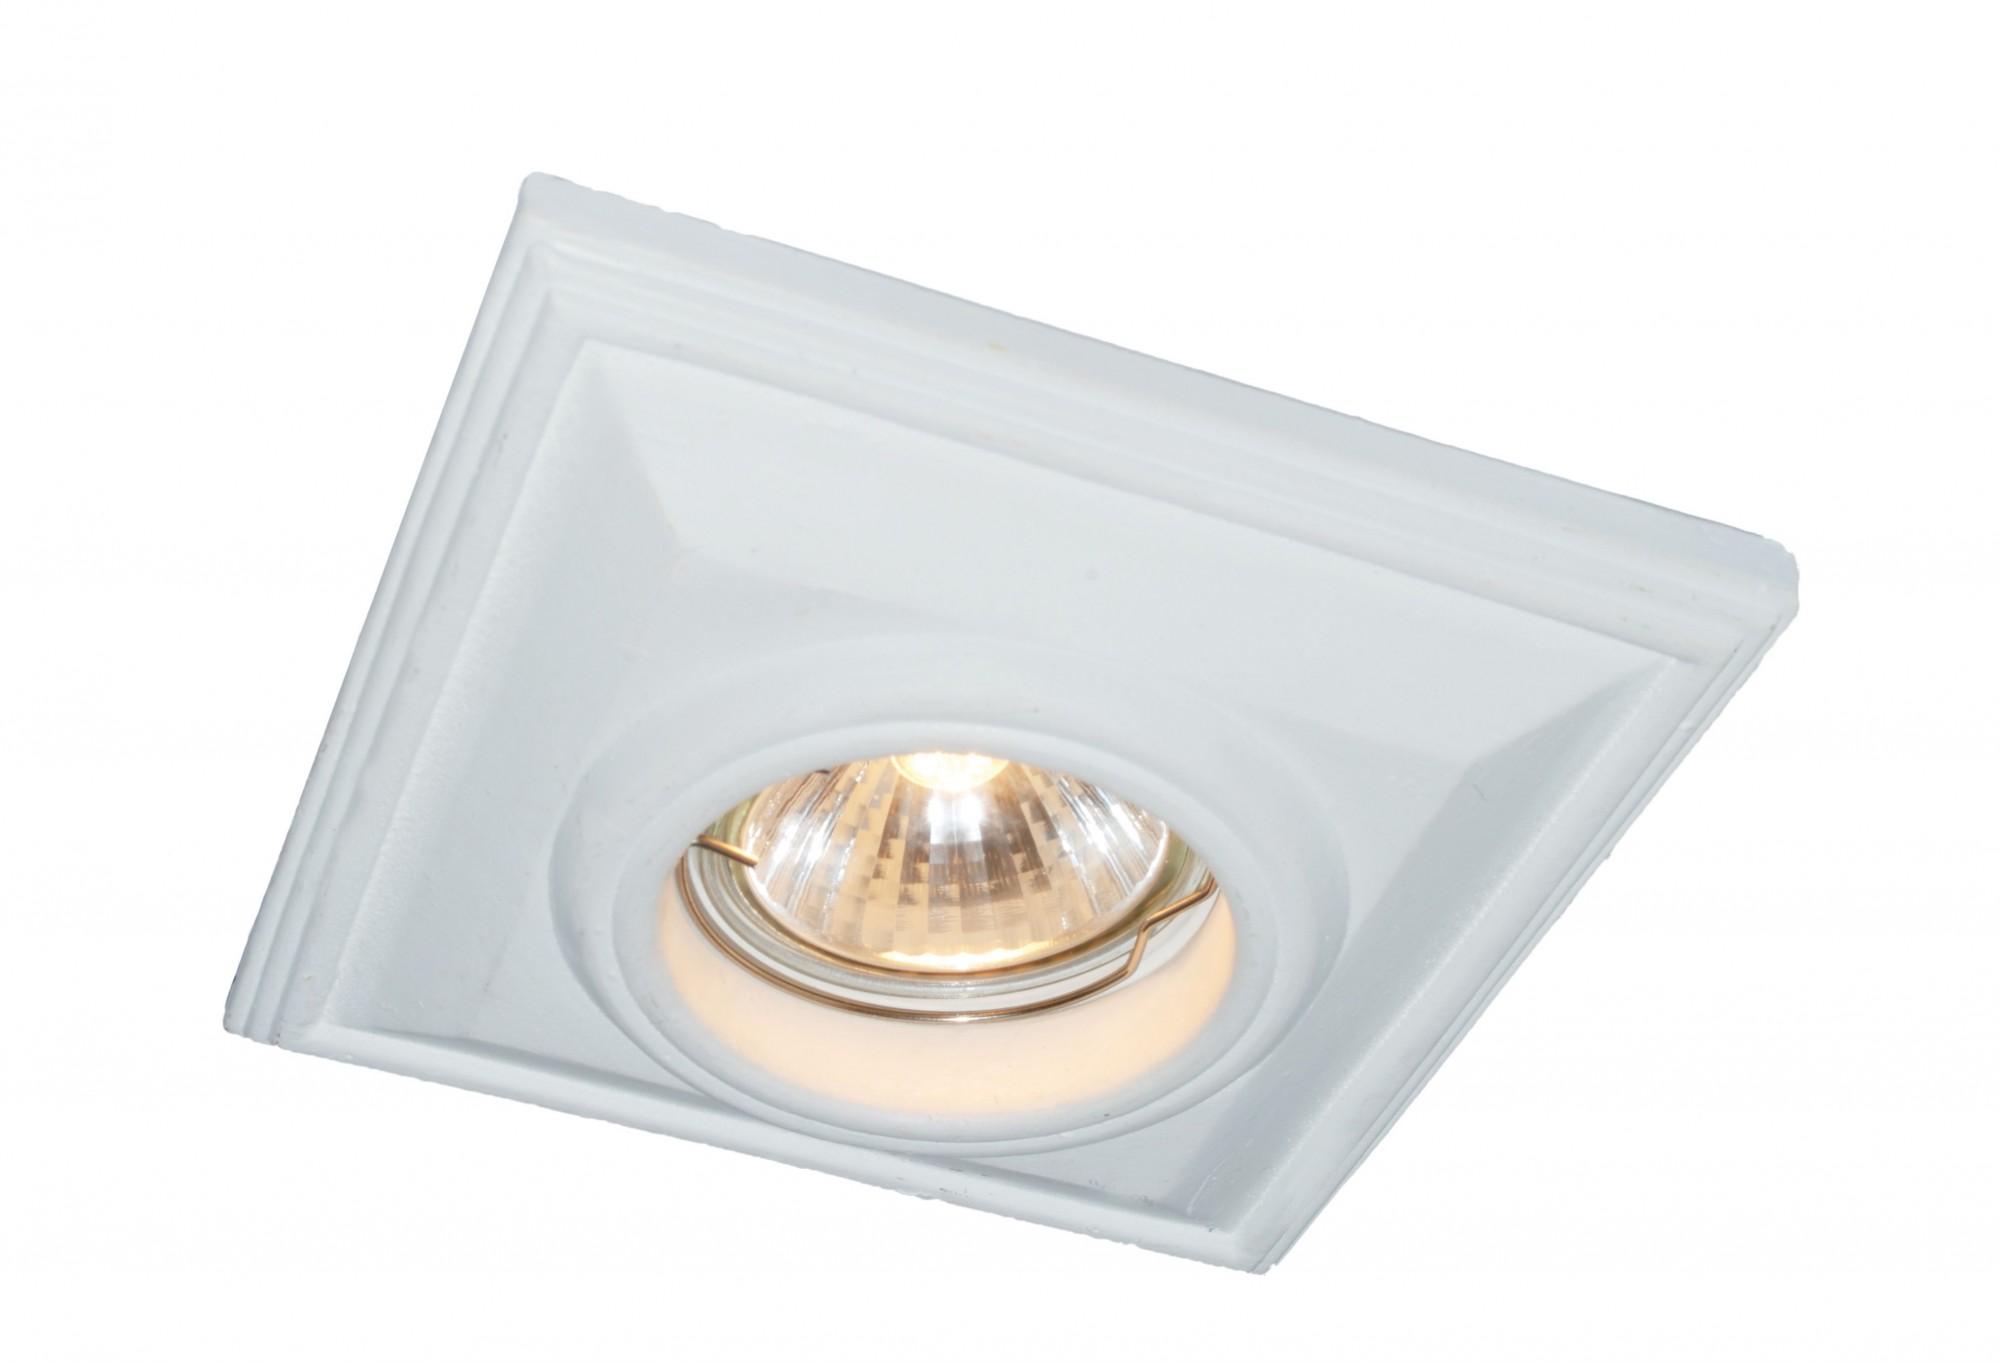 Фото товара A5304PL-1WH Arte Lamp